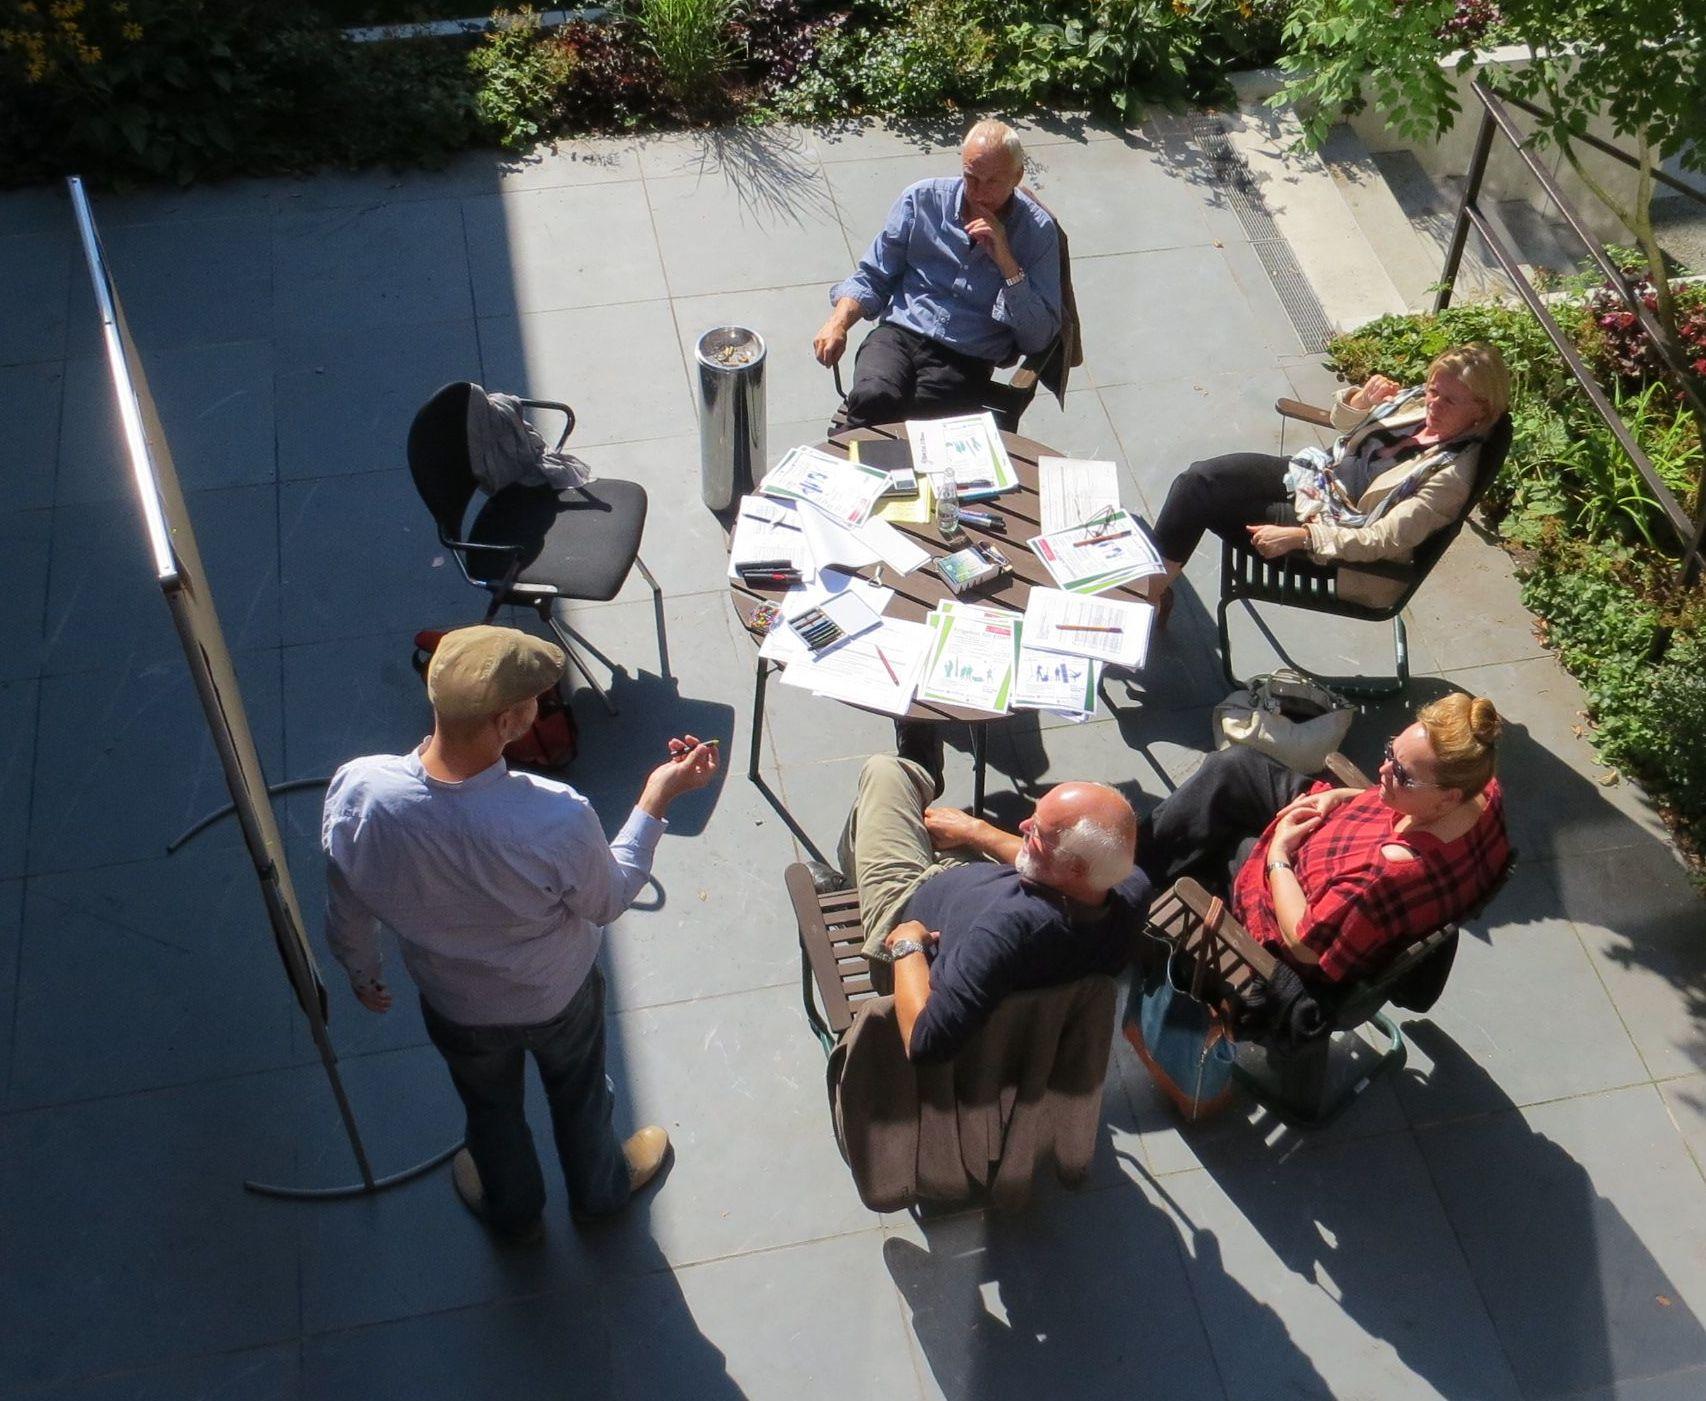 Strategieworkshop der Steuerungsgruppe Schule-Jugendhilfe in Steglitz-Zehlendorf vom 29.08.2013